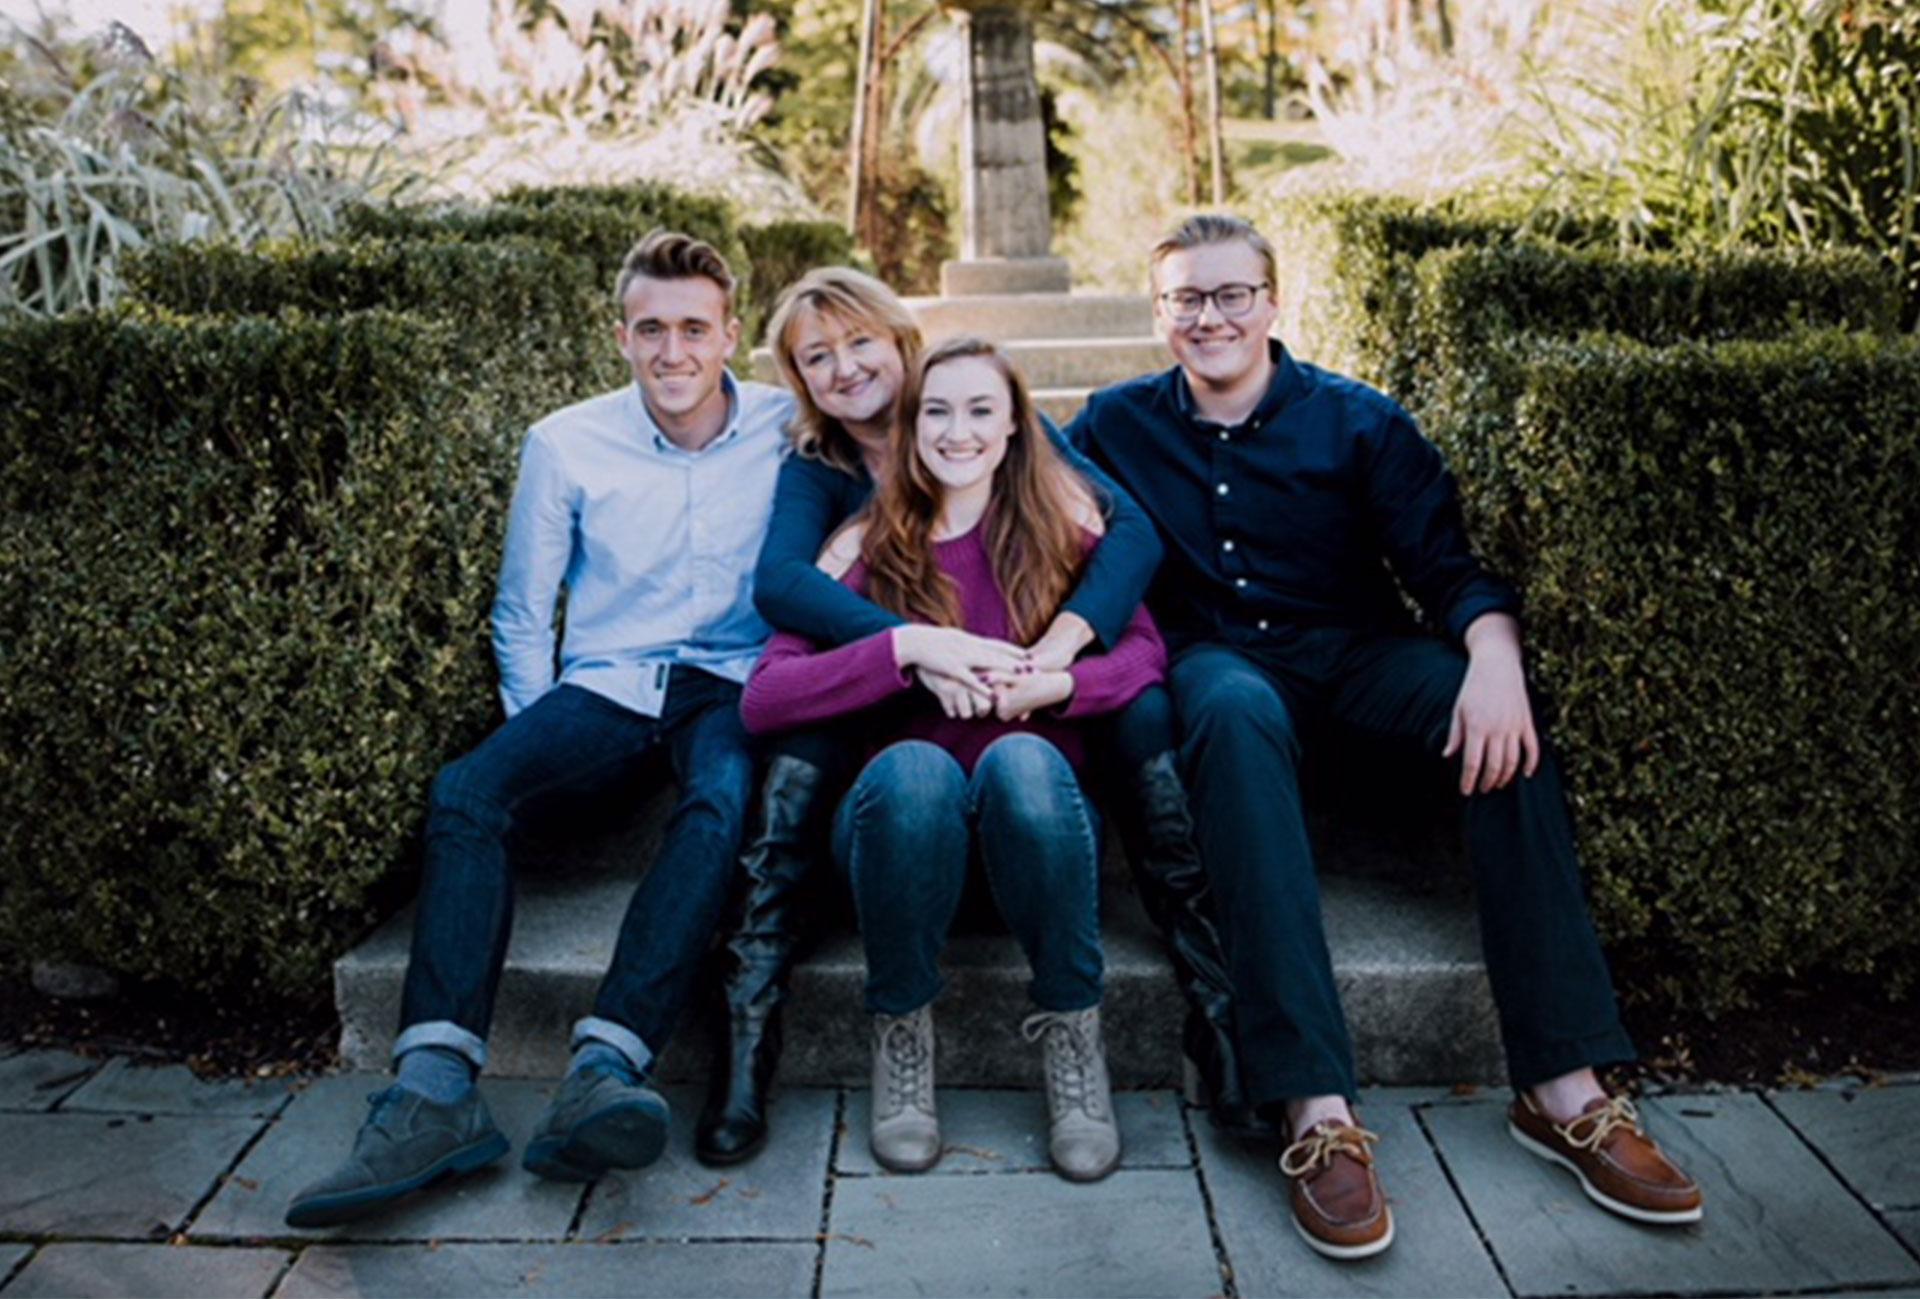 Lesley Karasinski and her family